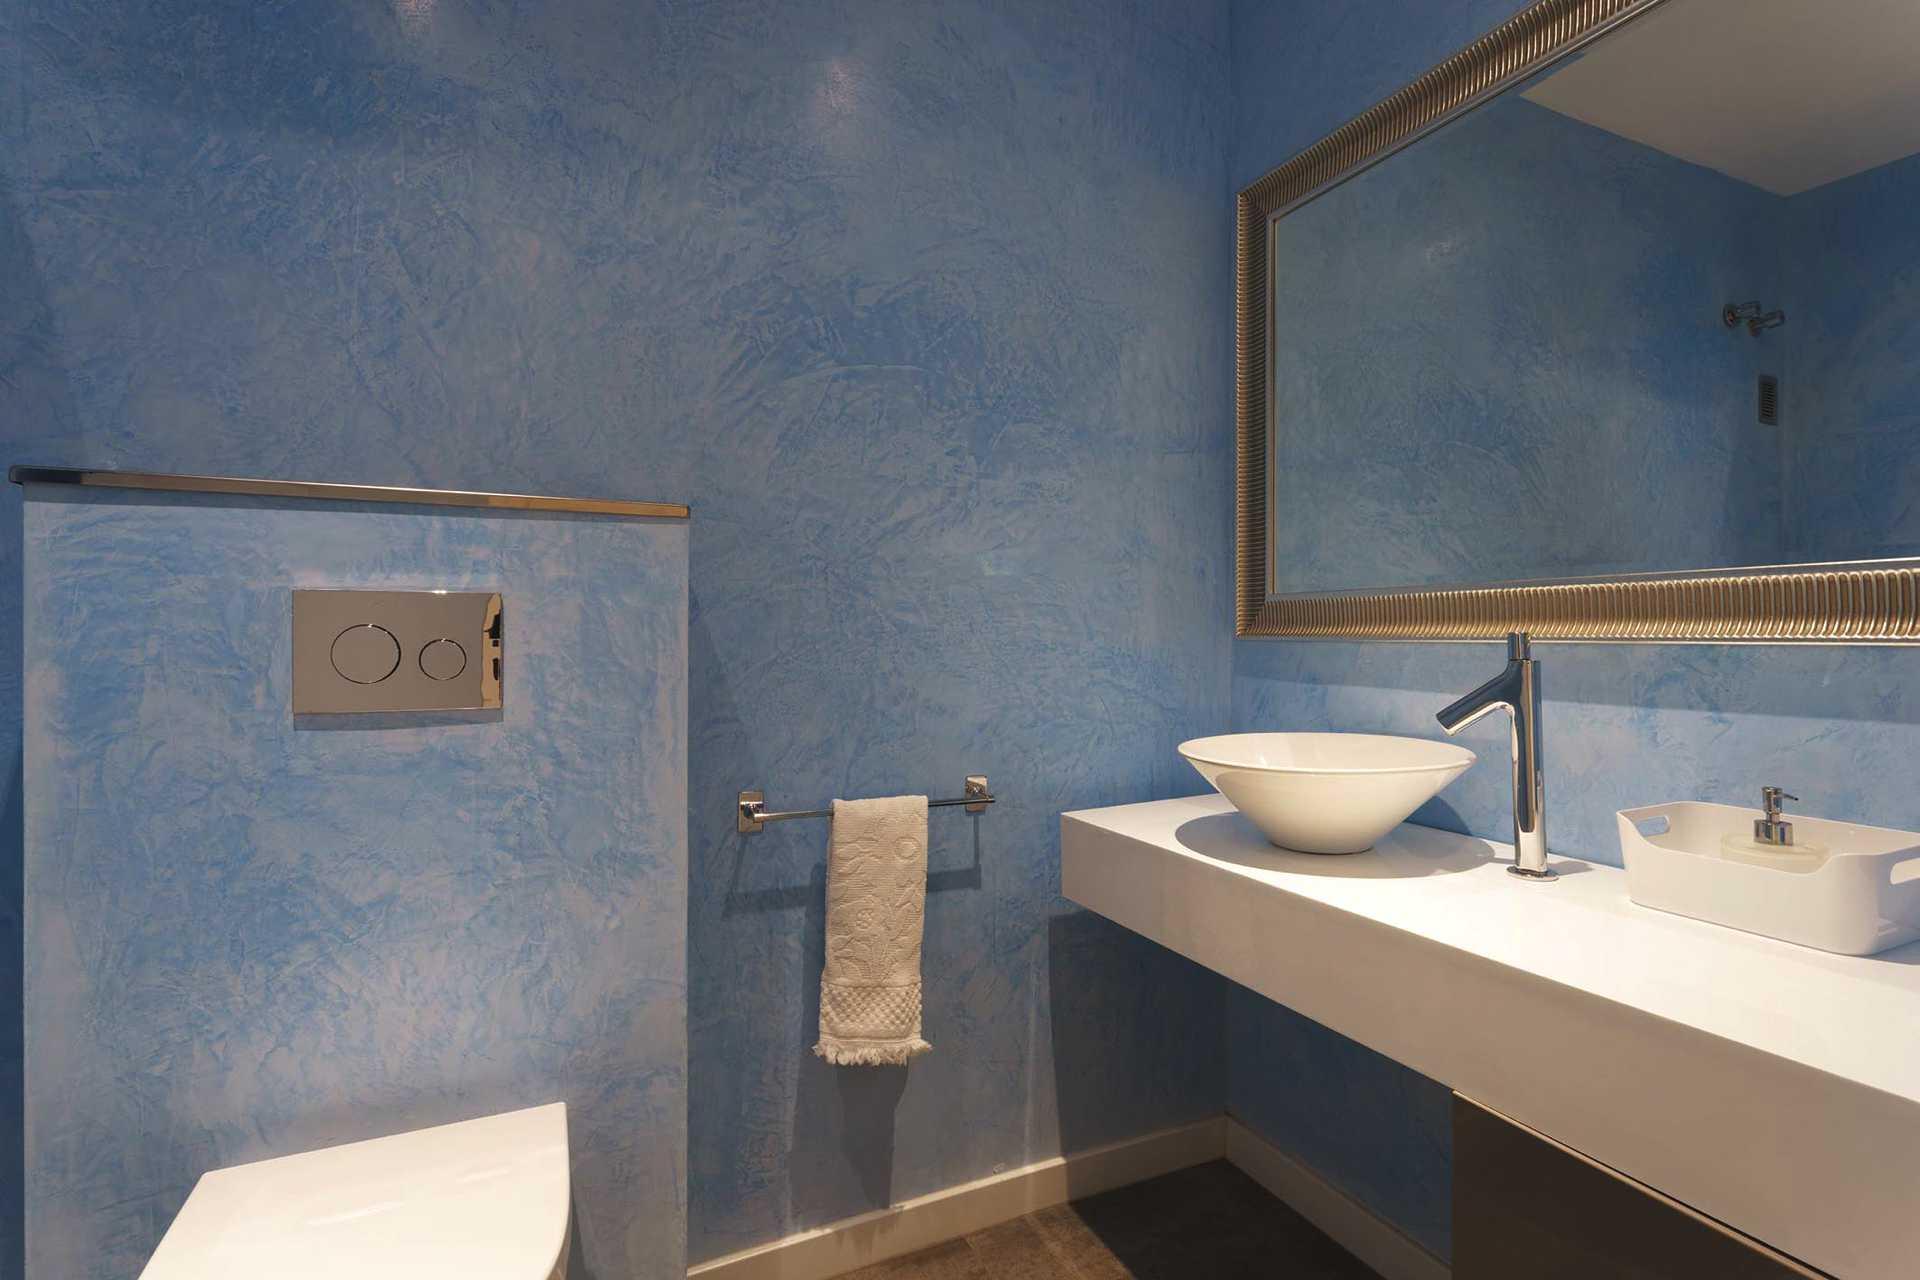 01-291 exclusive apartment Mallorca north Bild 27